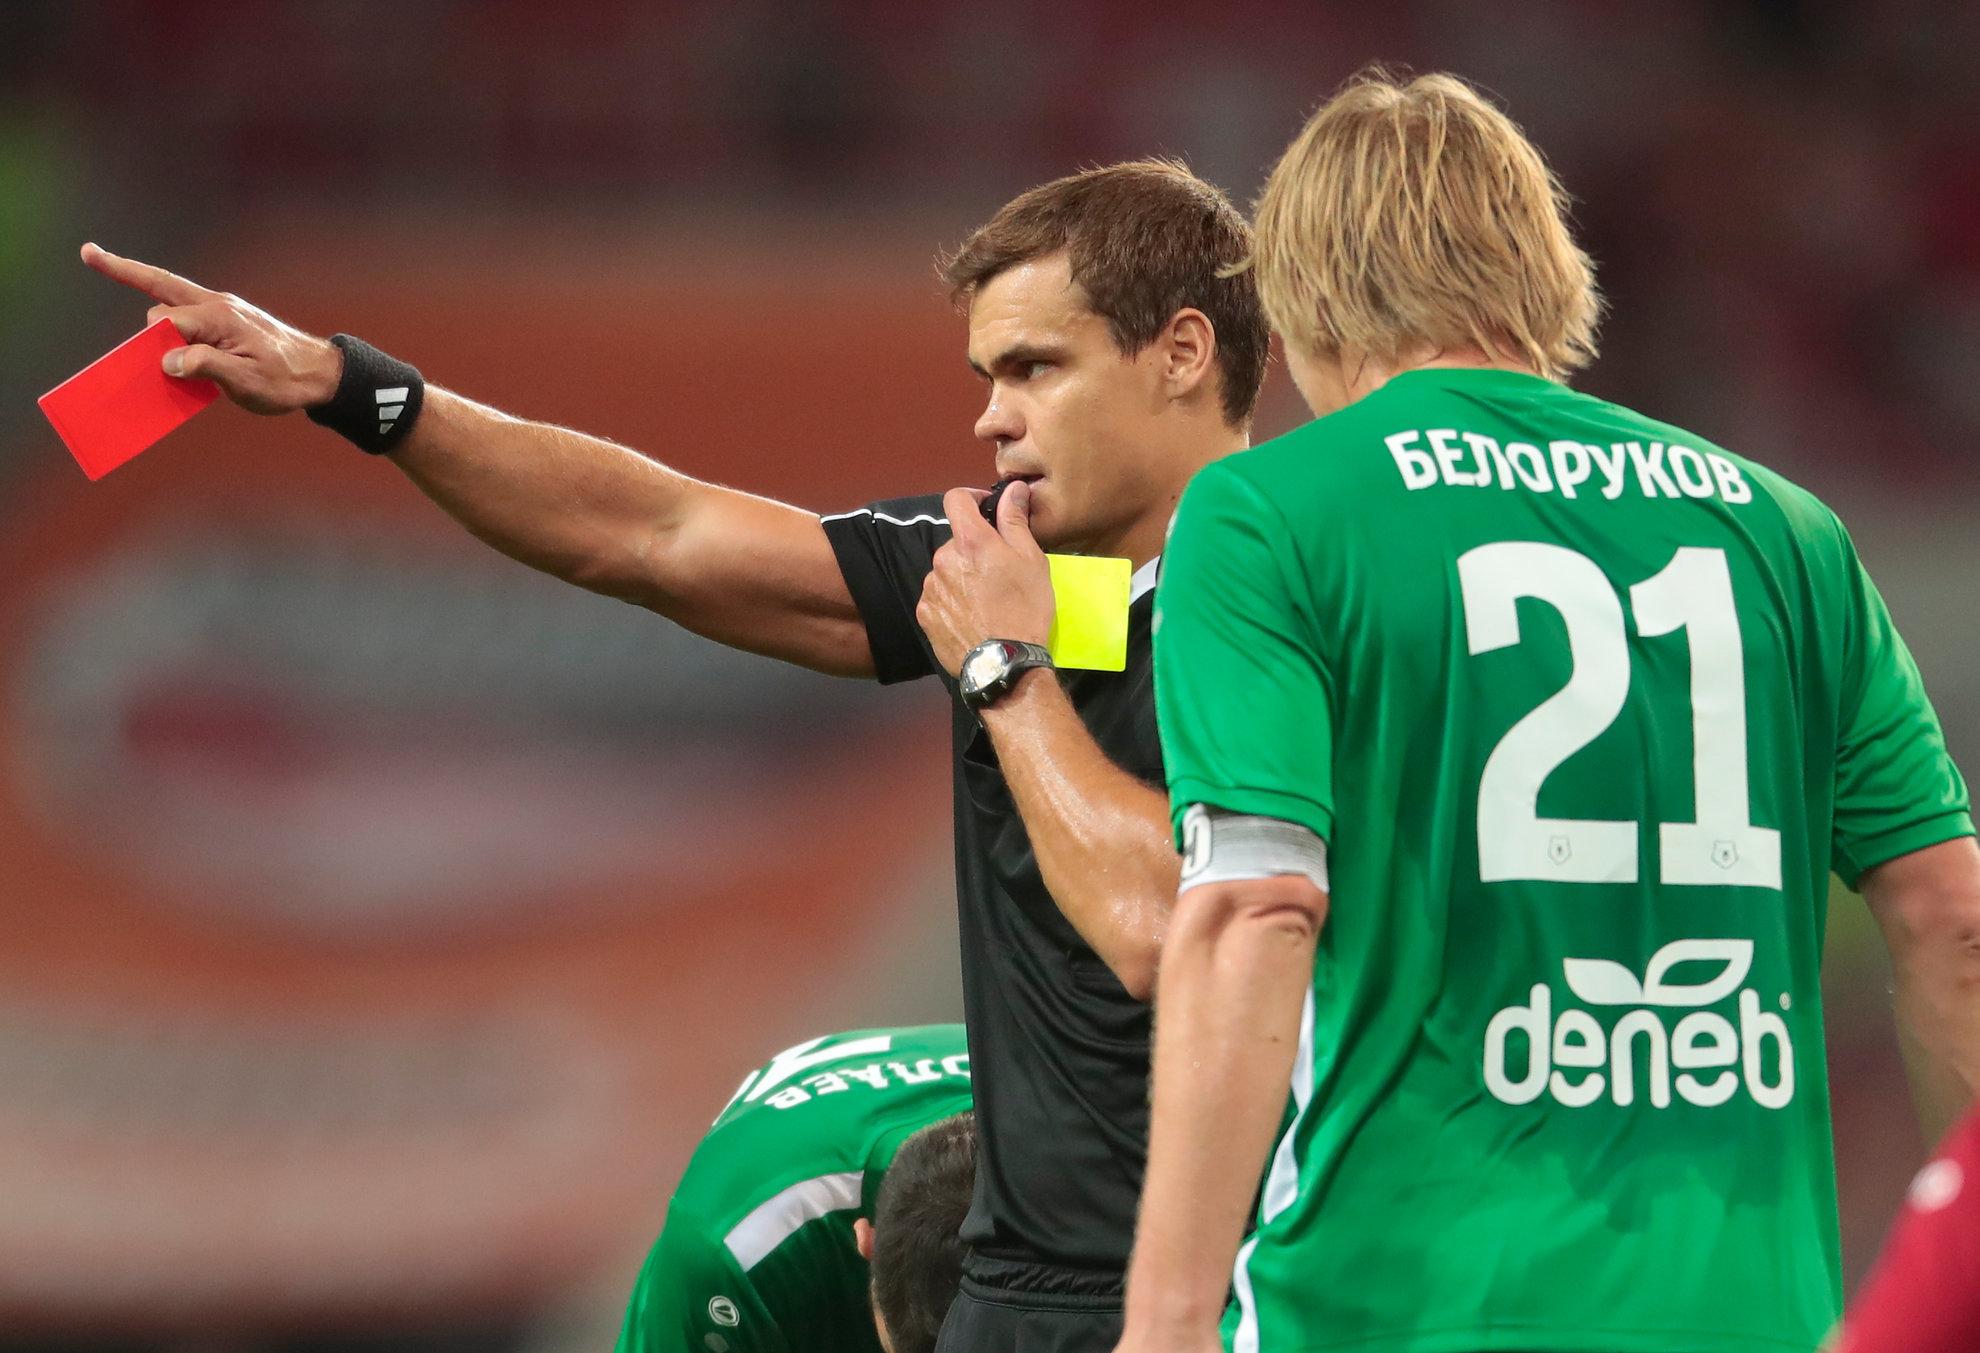 Белорукова дисквалифицировали на два матча за фол на Дзюбе и отказ от сотрудничества с КДК - фото